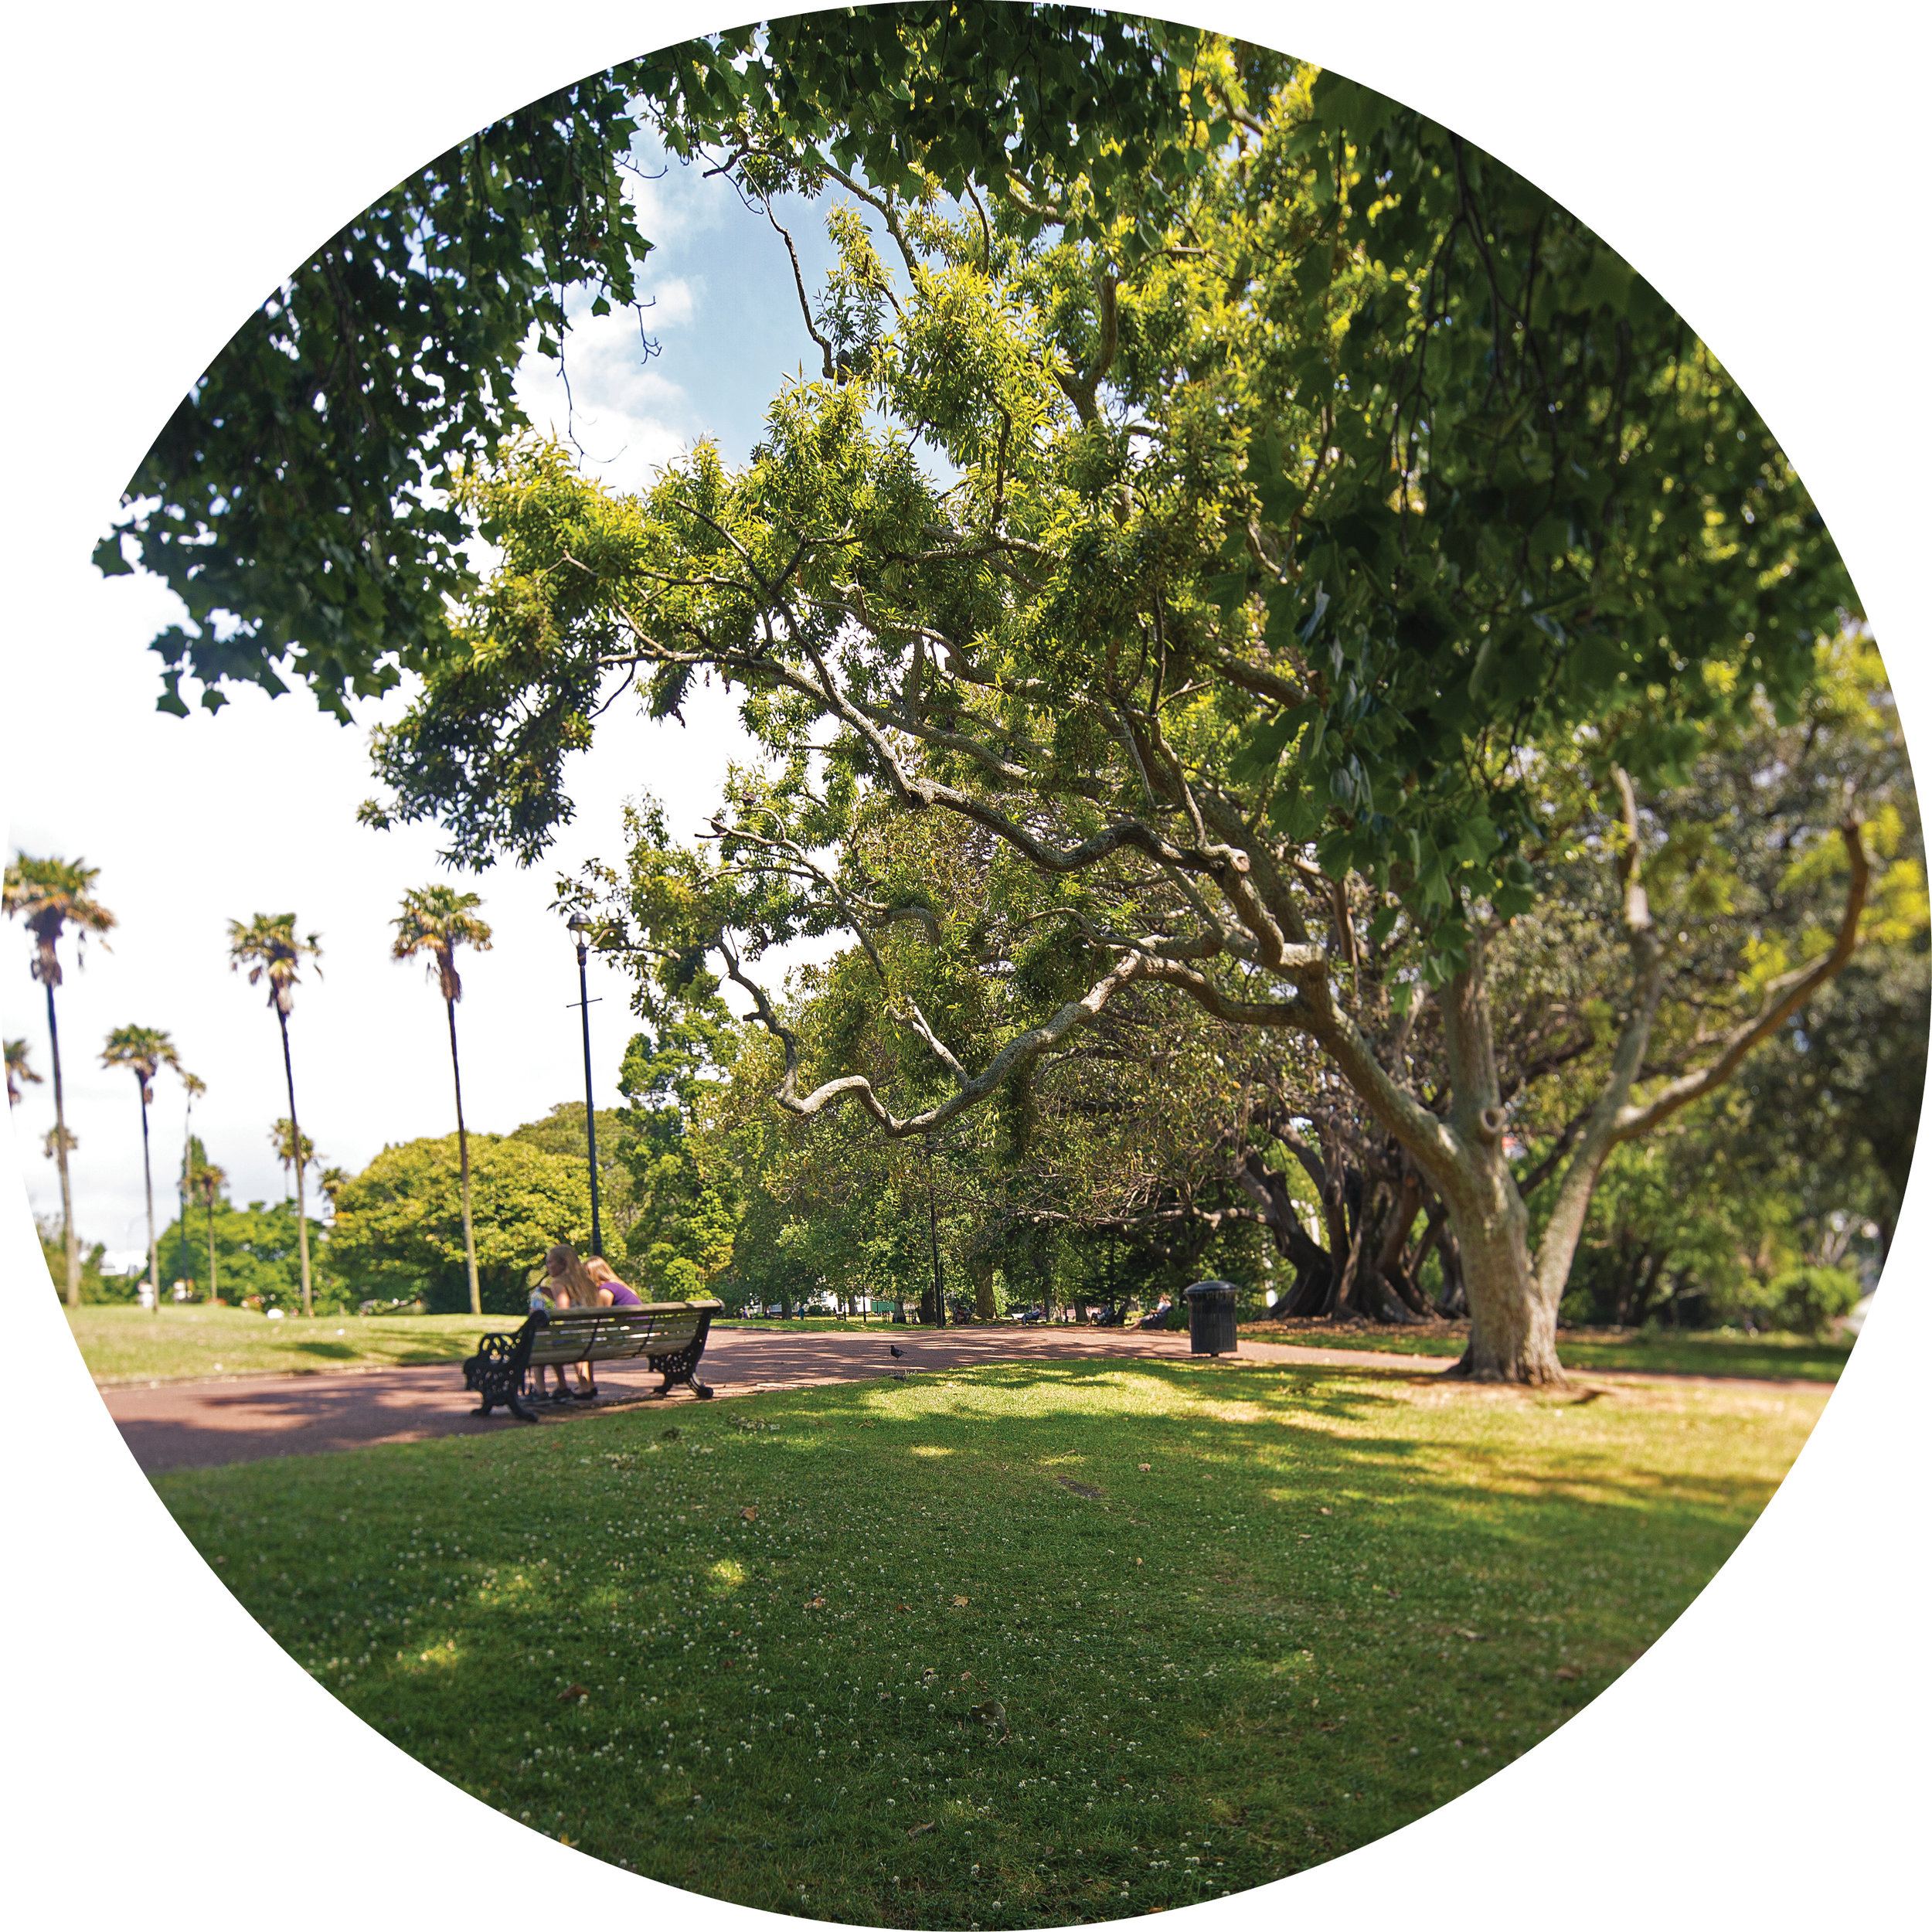 Parks_Circle.jpg